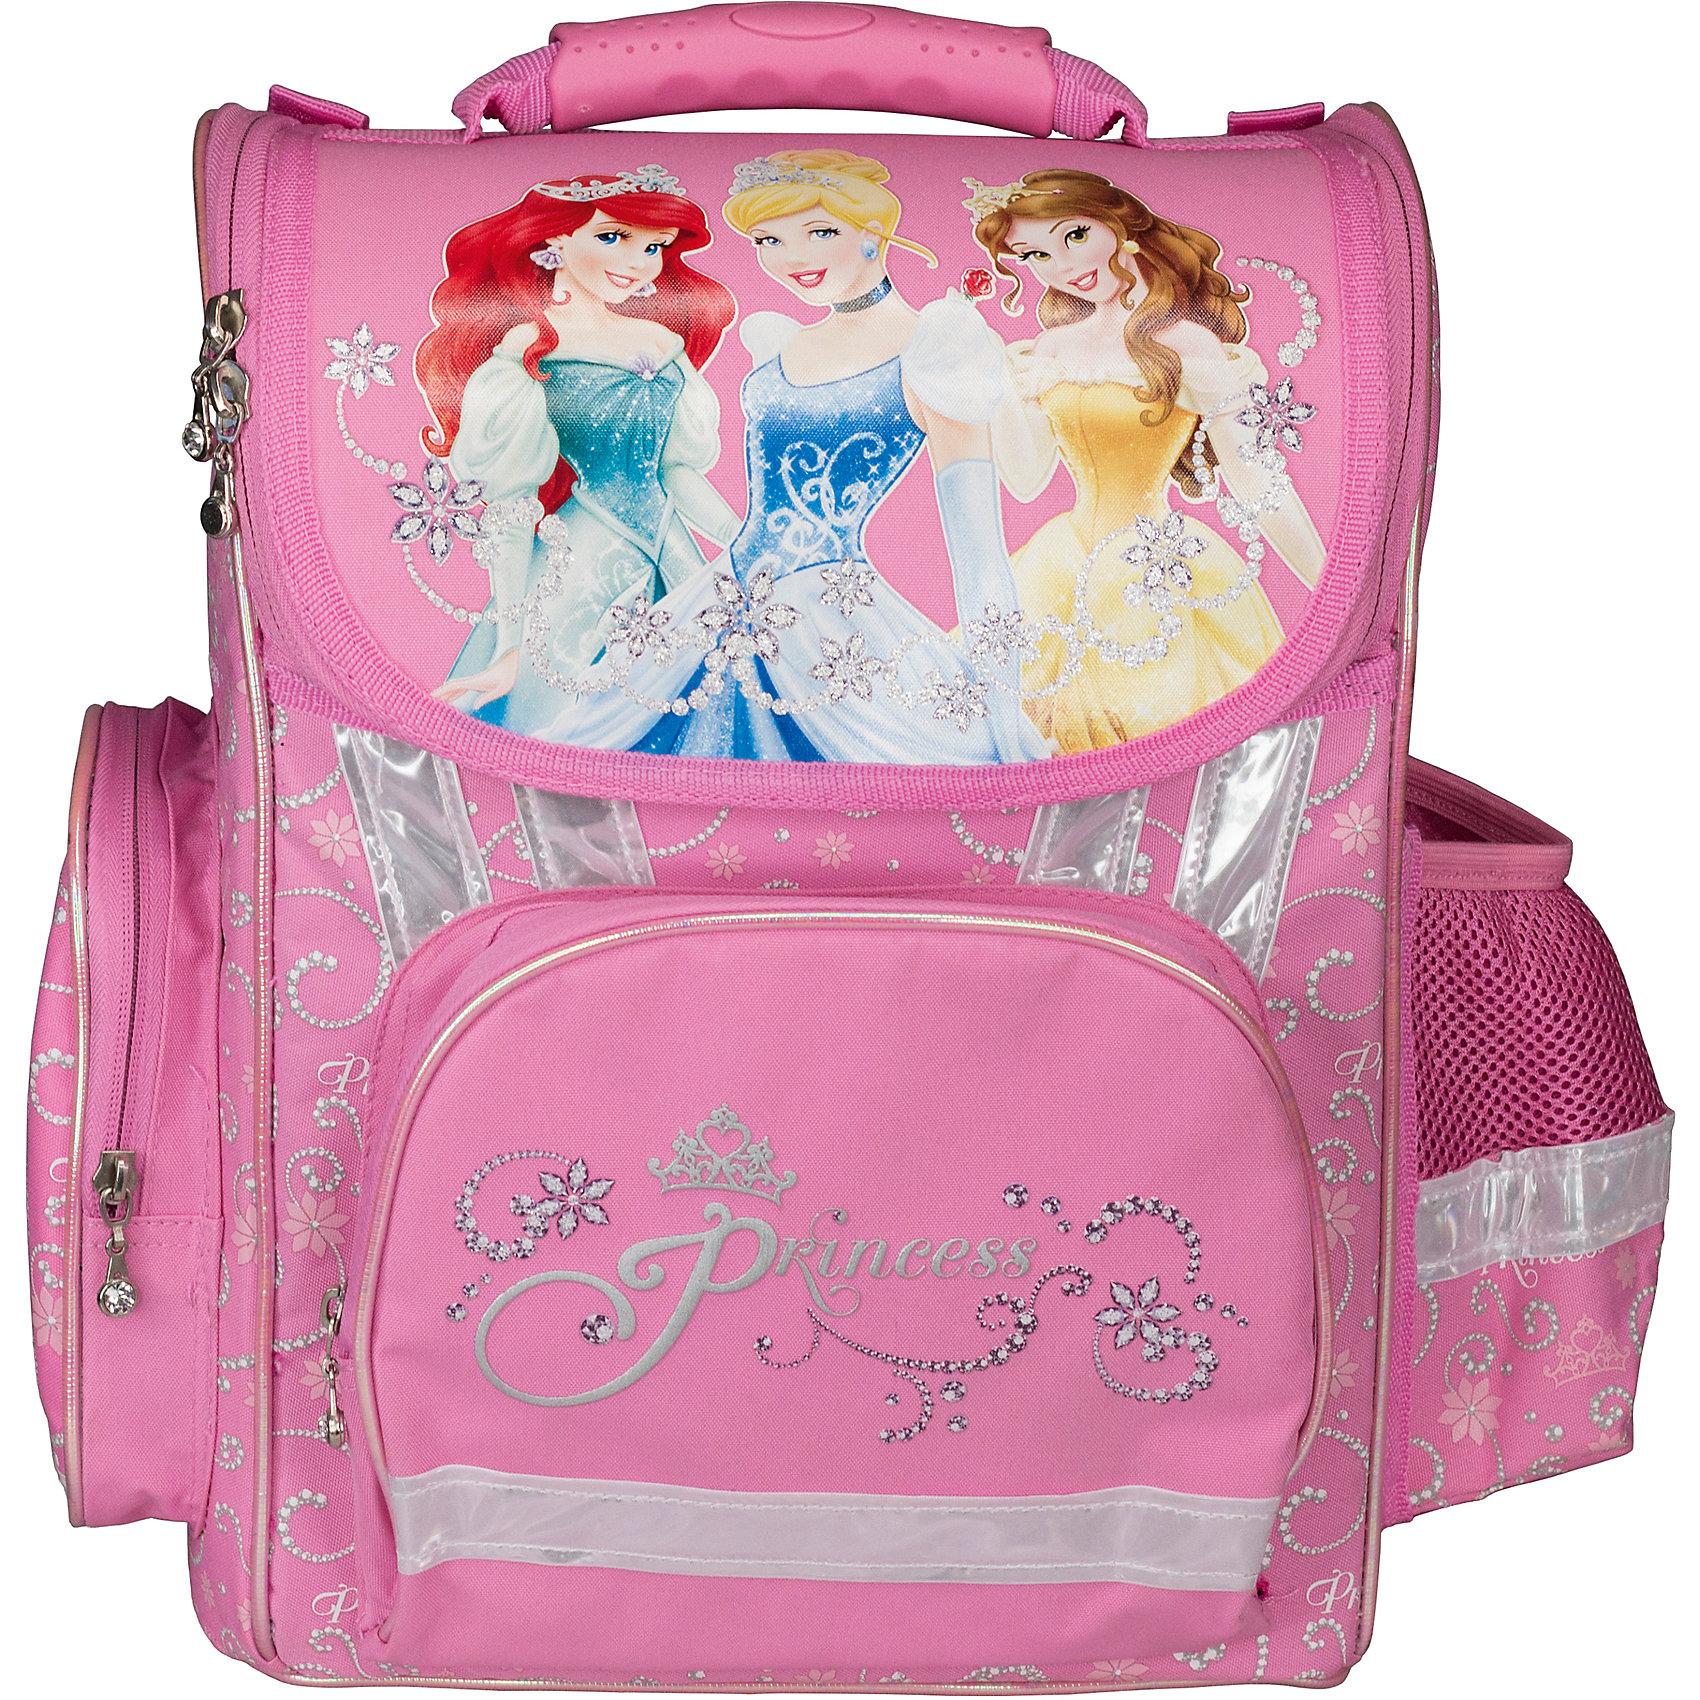 Эргономичный рюкзак, Принцессы ДиснейПринцессы Дисней<br>Рюкзак эргономичный, Disney Princess (Принцессы Диснея) - это максимально удобный и функциональный по своим характеристикам рюкзак.<br>Рюкзак эргономичный, Disney Princess с изображением любимых героинь популярных мультфильмов Уолта Диснея не только красивый, но и очень удобный. Красочный дизайн рюкзака обязательно понравится вашей юной принцессе. Рюкзак с жестким каркасом, у него ортопедическая спинка, выполненная из толстого поролона и усиленная пластиковой вставкой. Основное отделение снабжено плавающими карманами, 2 высоких боковых кармана на молнии, передний карман под пенал. Ручка с объемной пластиковой вставкой для удобства переноски рюкзака, ручка-петелька для подвешивания на крючок. Светоотражающие полосы на всех сторонах корпуса рюкзака позволяют хорошо видеть ребенка на проезжей части в темное время суток и в сумерках.<br><br>Дополнительная информация:<br><br>- Вес: 1011 гр.<br>- Размер: 35х26,5х13см.<br><br>Рюкзак эргономичный, Disney Princess (Принцессы Диснея) можно купить в нашем интернет-магазине.<br><br>Ширина мм: 350<br>Глубина мм: 265<br>Высота мм: 130<br>Вес г: 1011<br>Возраст от месяцев: 48<br>Возраст до месяцев: 84<br>Пол: Женский<br>Возраст: Детский<br>SKU: 3563273